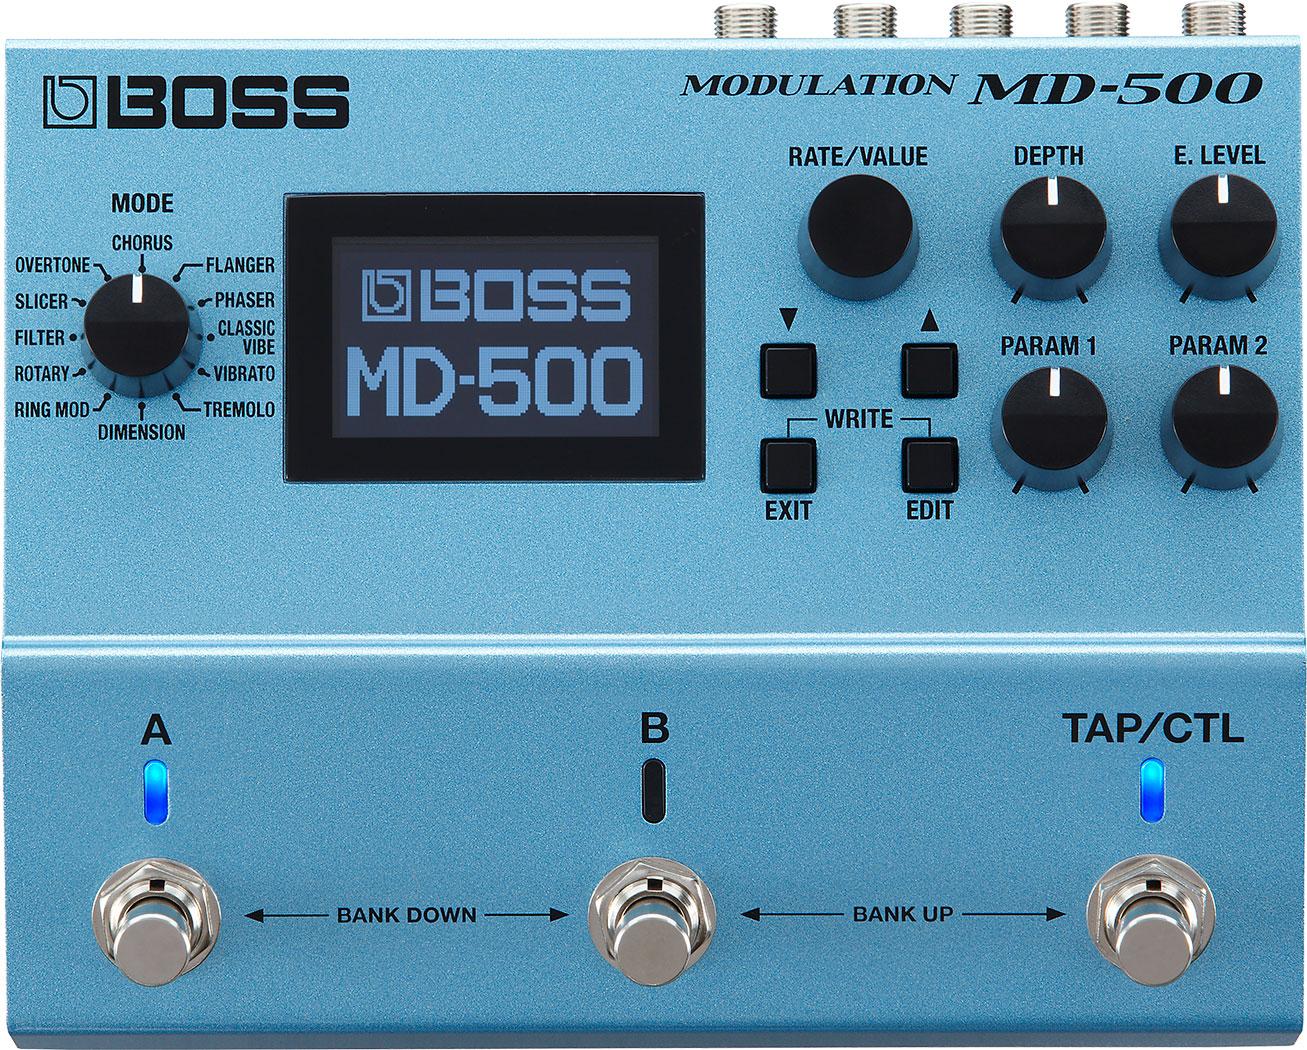 人気定番 【即納可能】BOSS MD-500 / Modulation, mirco-shop 8c4cc6df